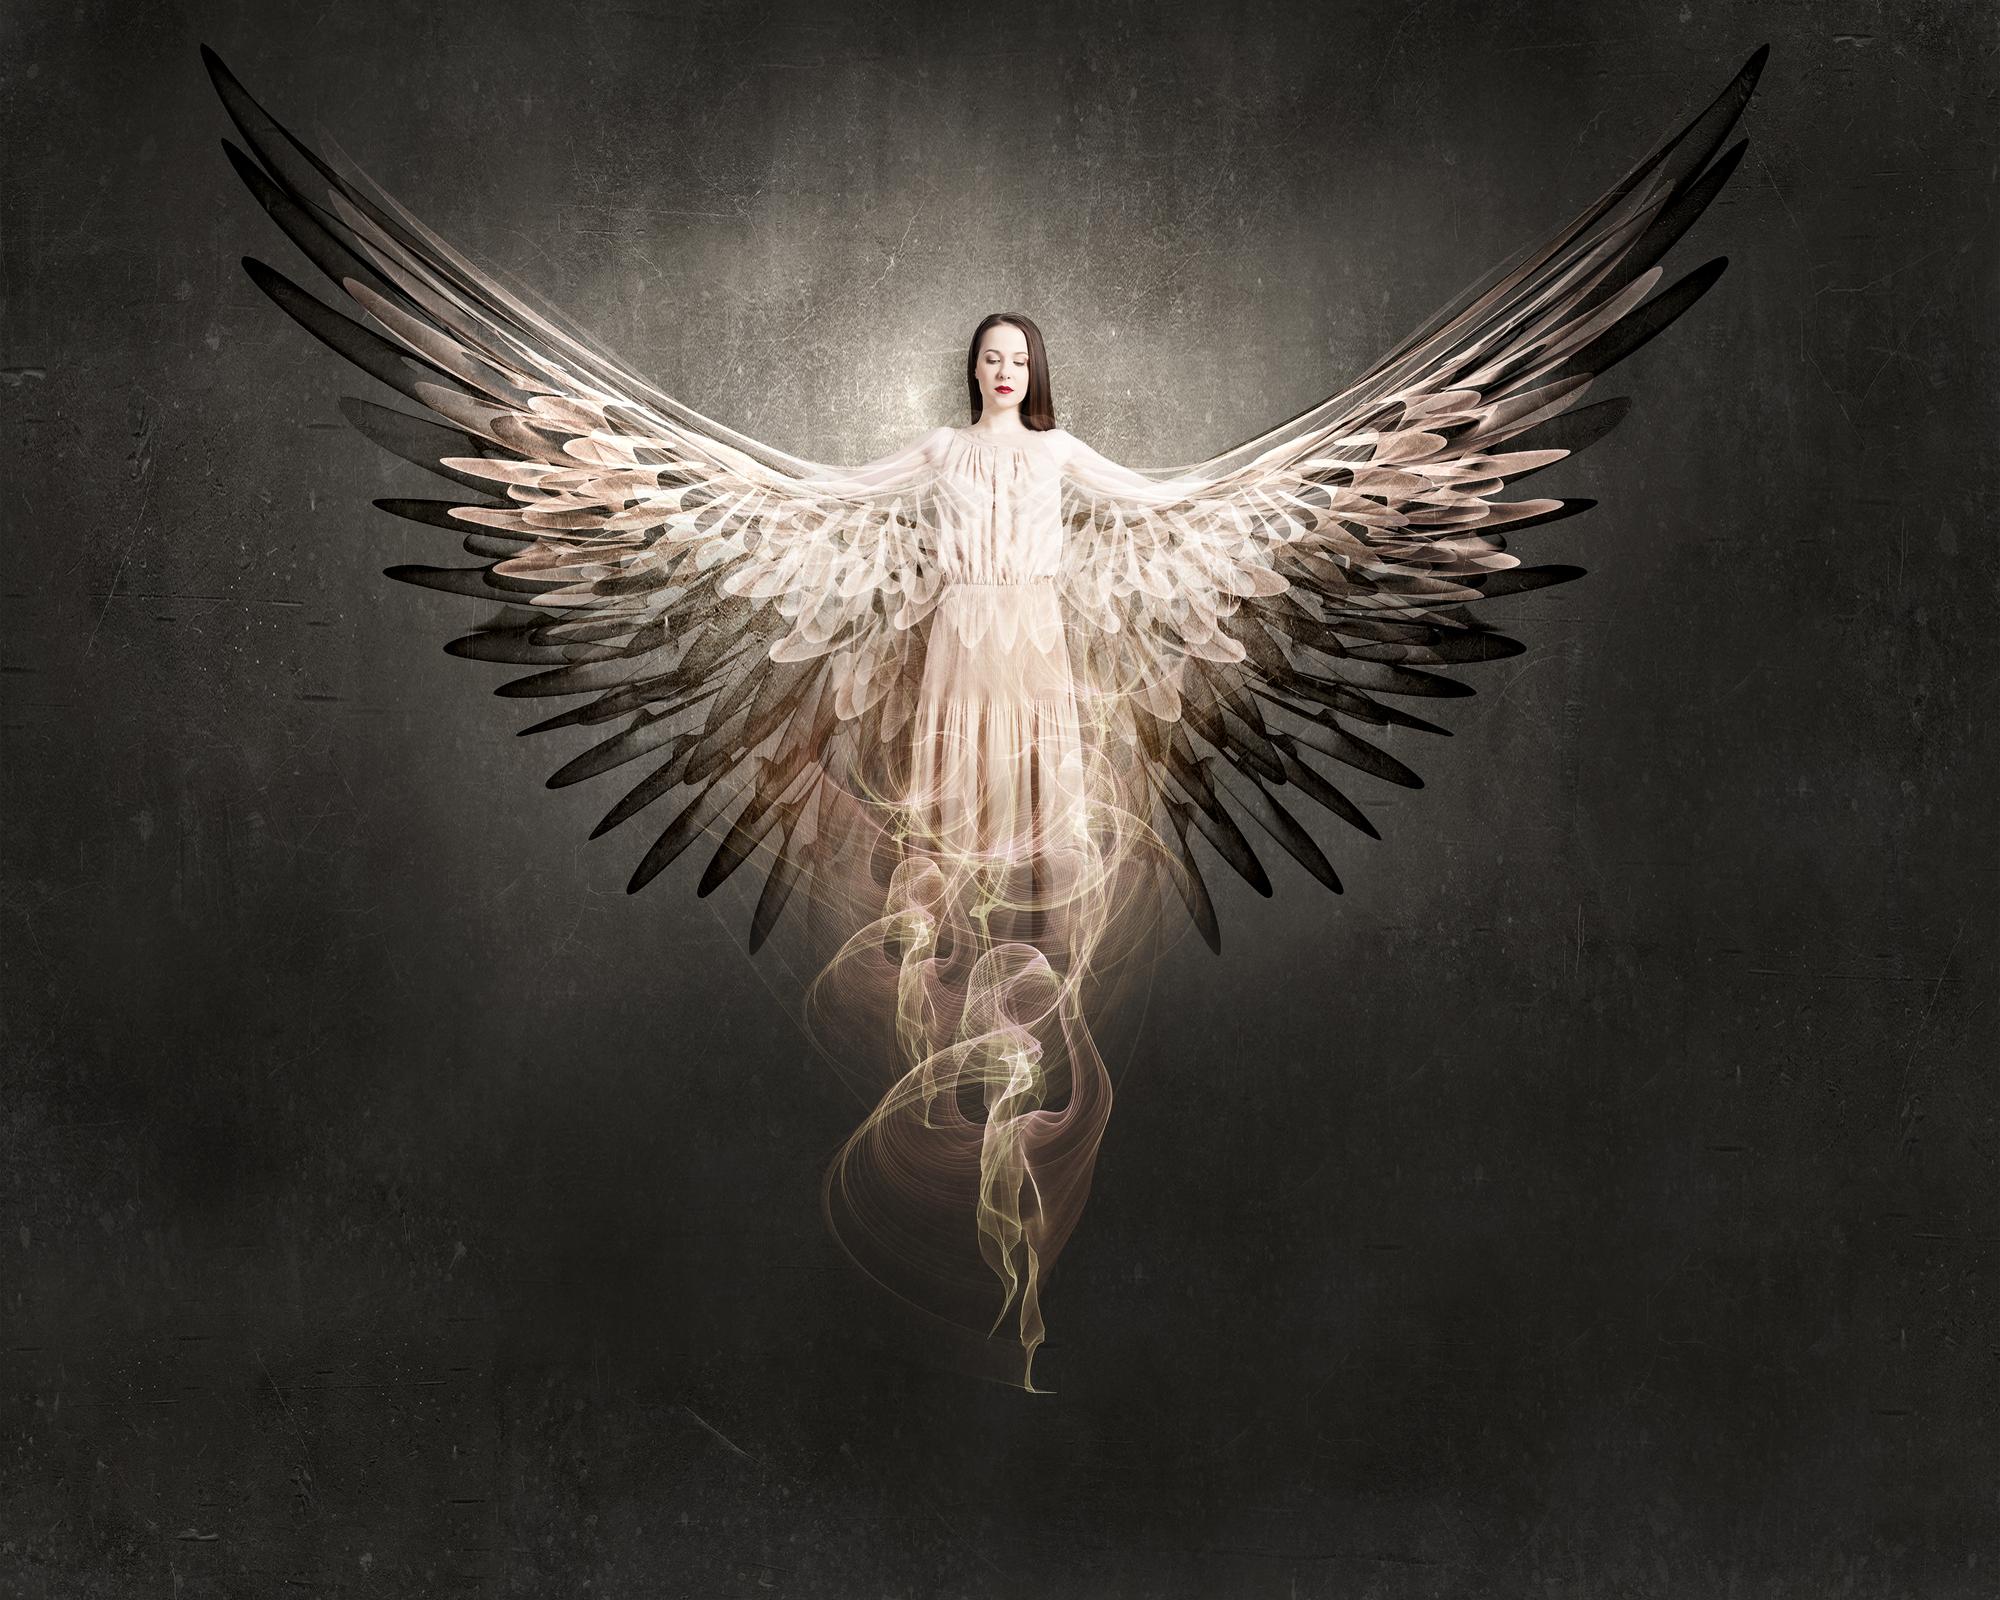 肉体の枠を超えて無限の可能性を解き放ちなさい。神聖なる純粋な魂たちよ。